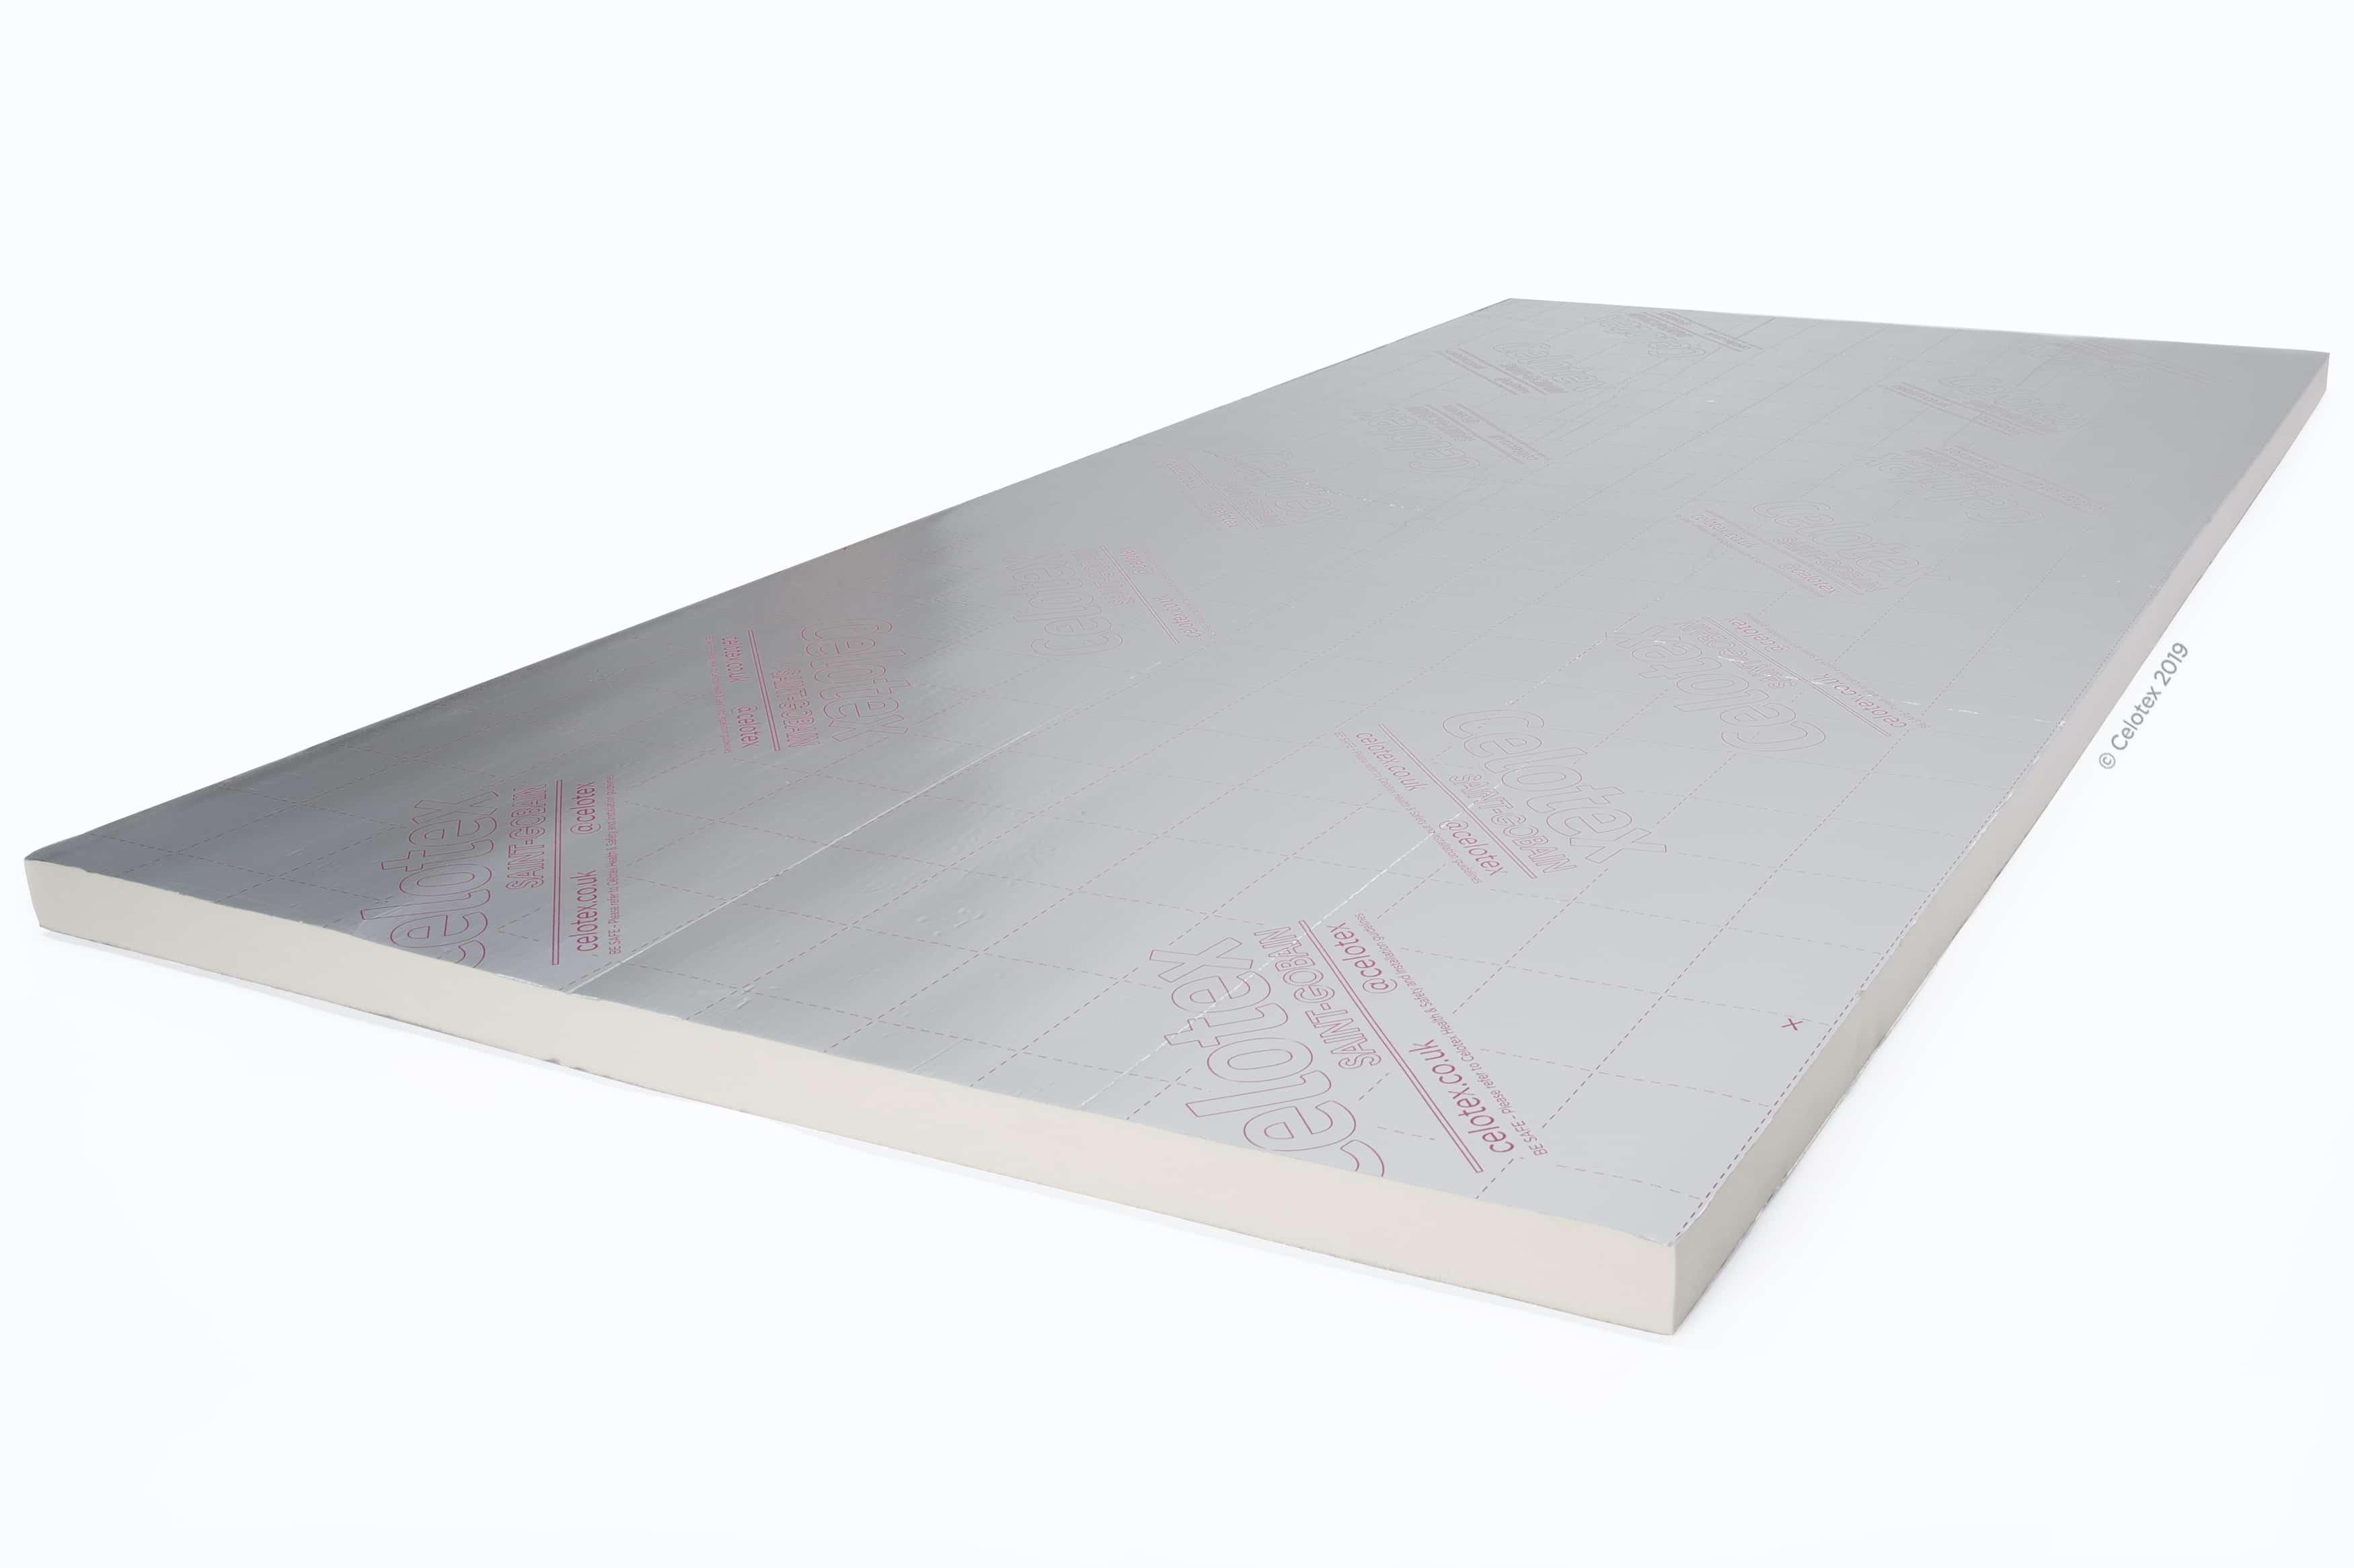 celotex GA4000 insulation board, GA4100, GA4090, GA4080, GA4075, GA4070, GA4060, GA4050, pallet deall, 5 pallet deal, 10 pallet deal